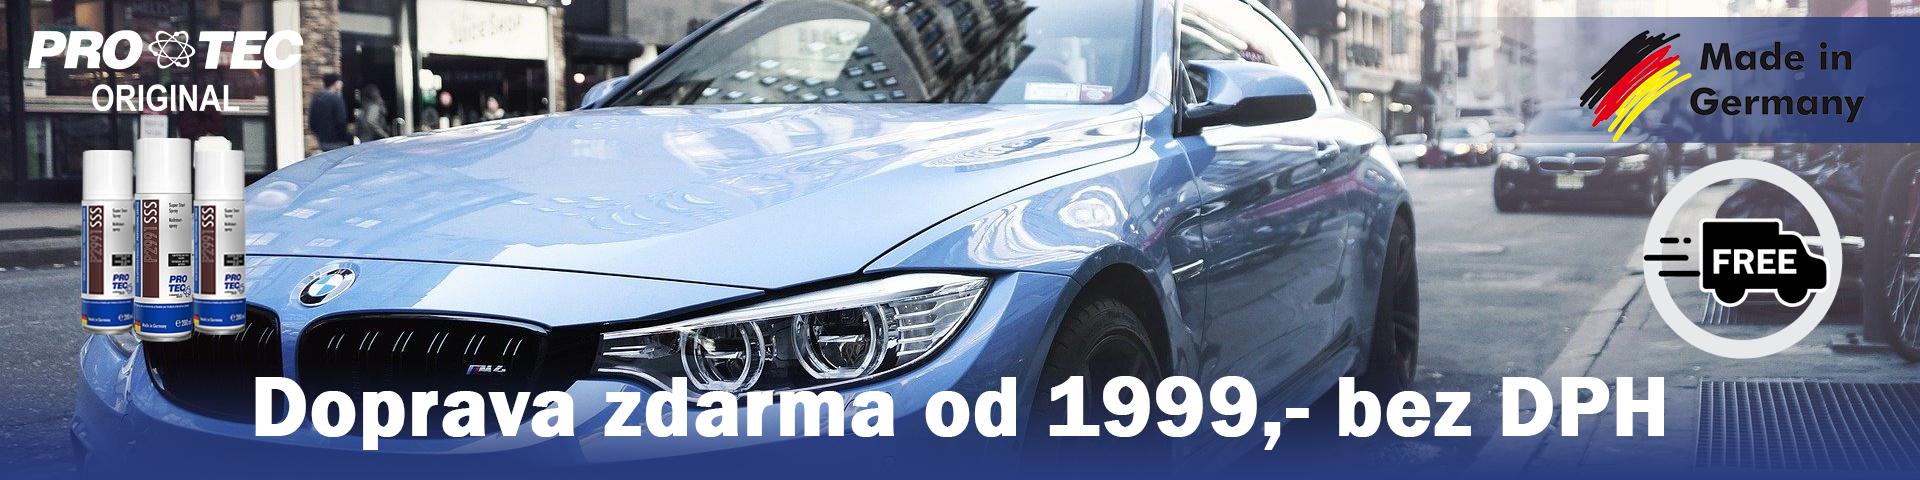 Doprava zdarma od 1999,- Kč bez DPH